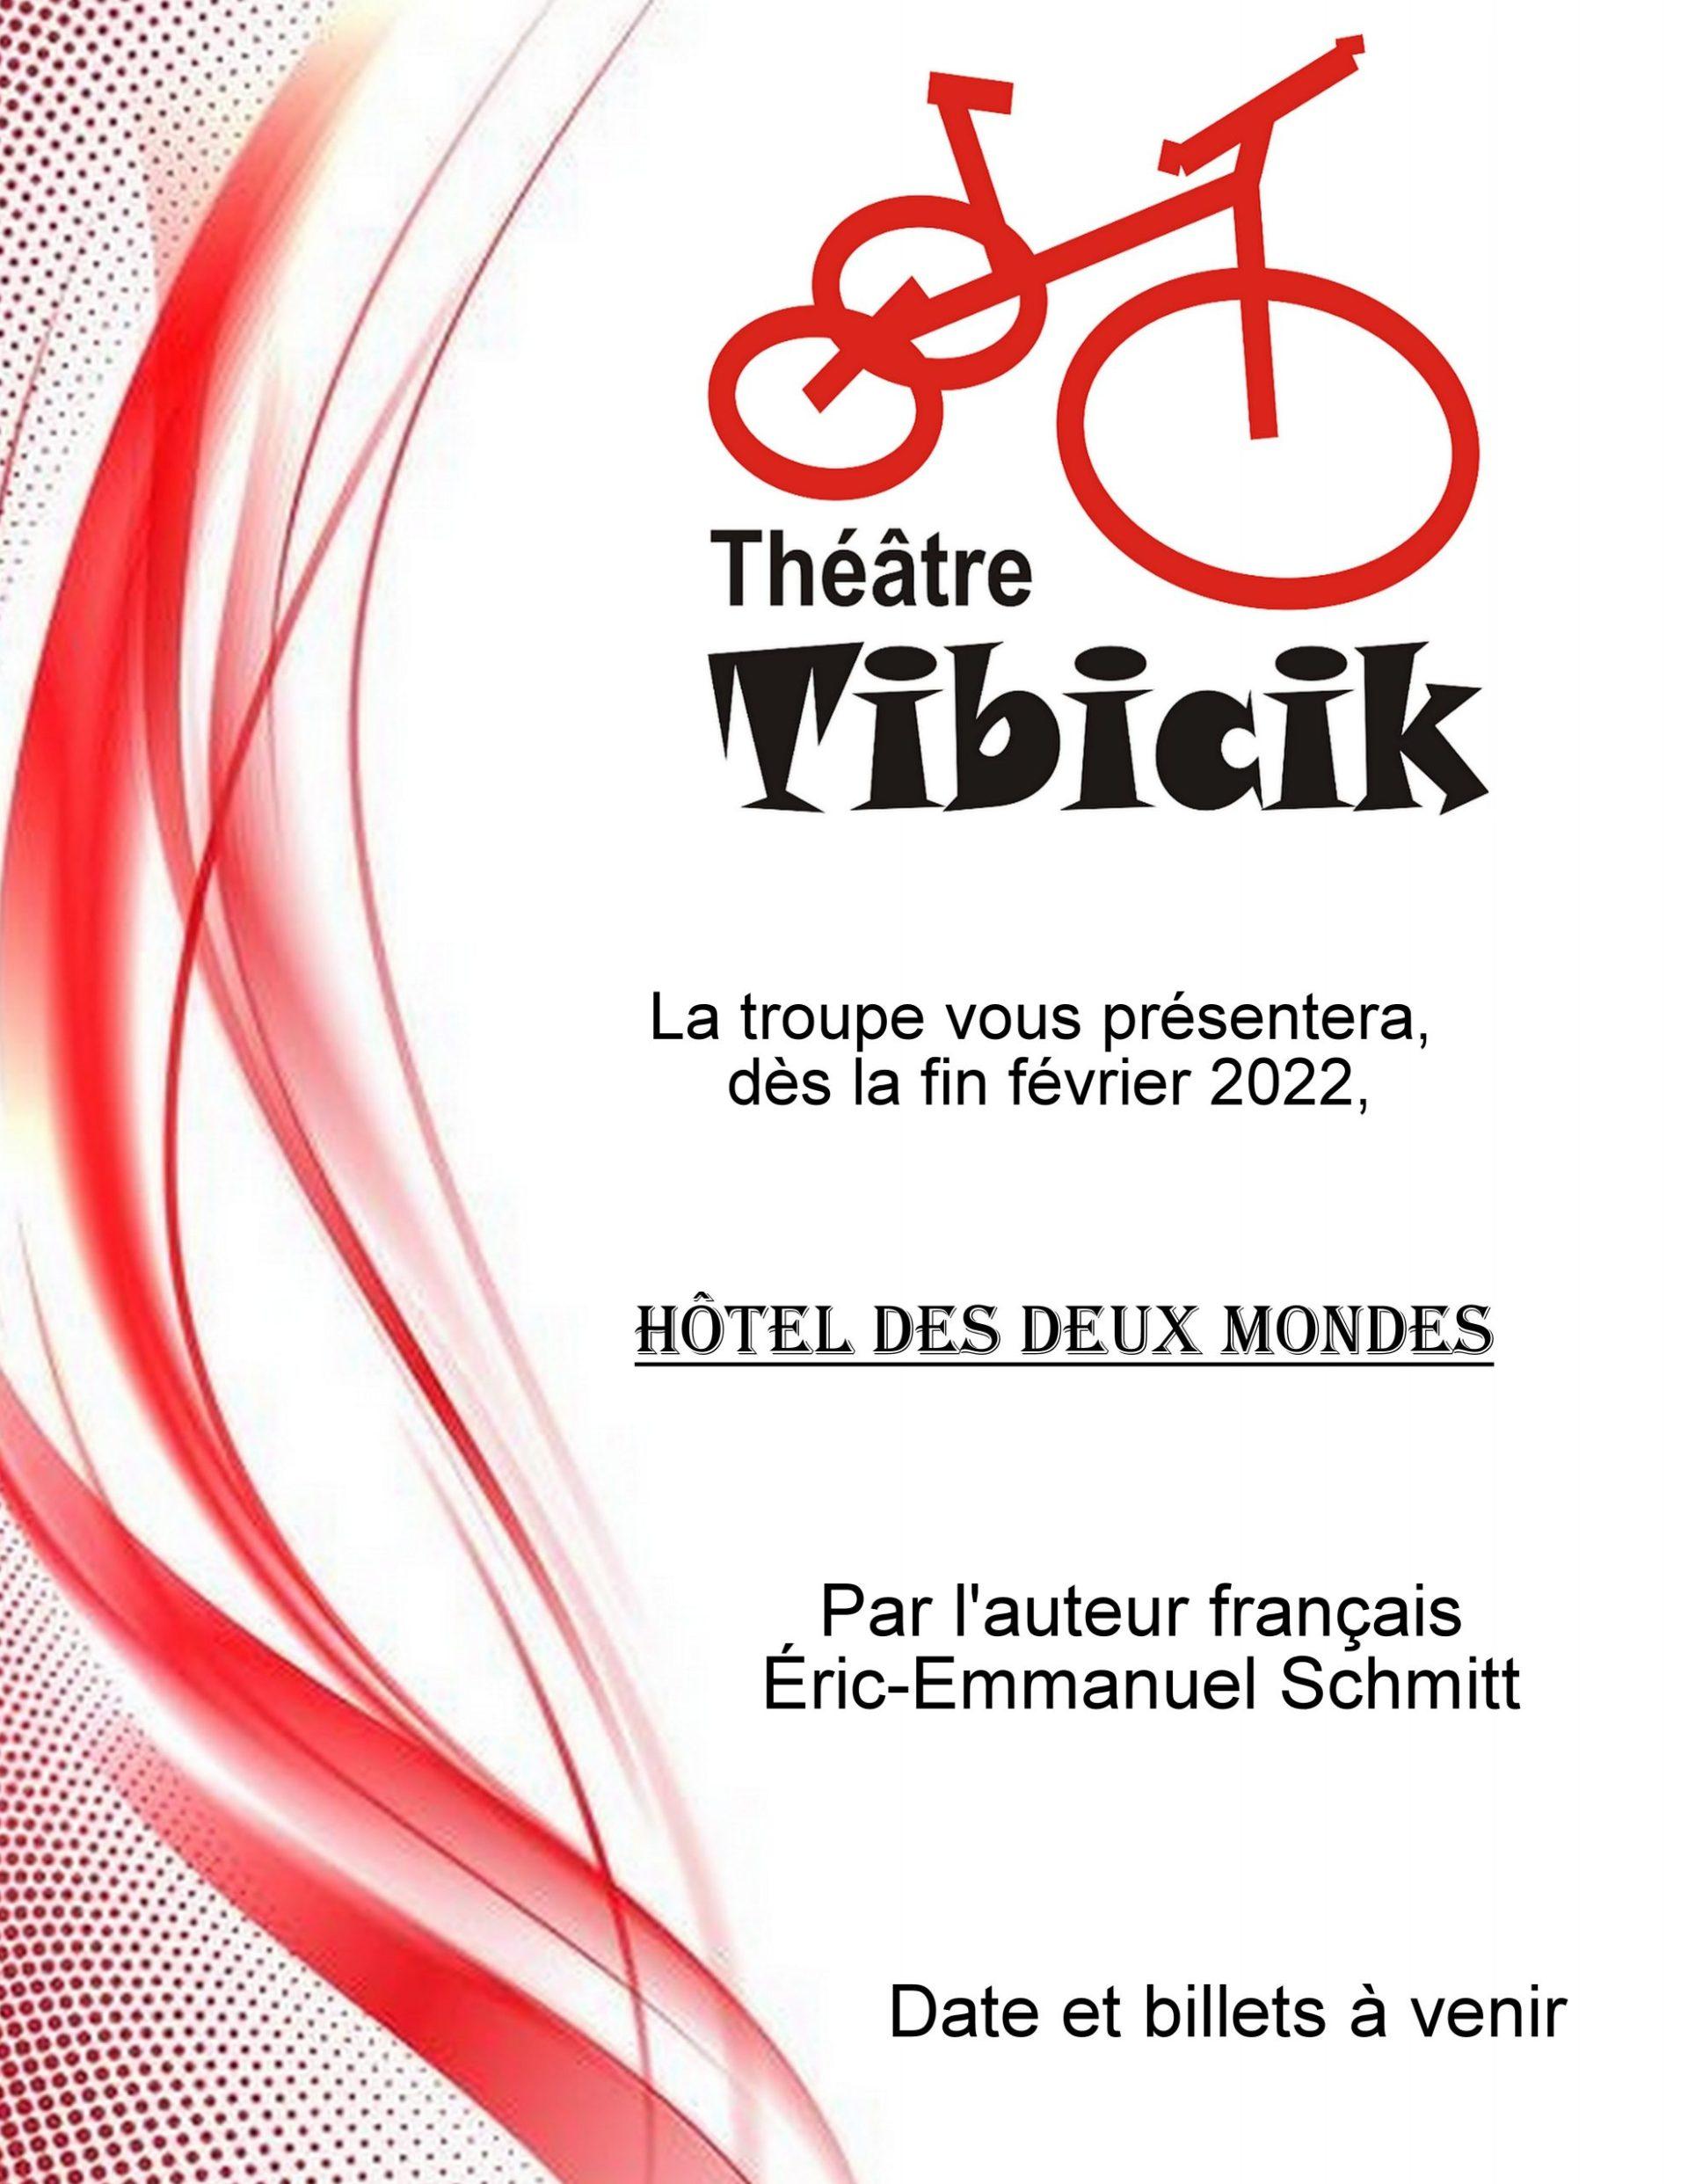 Théâtre Tibicik